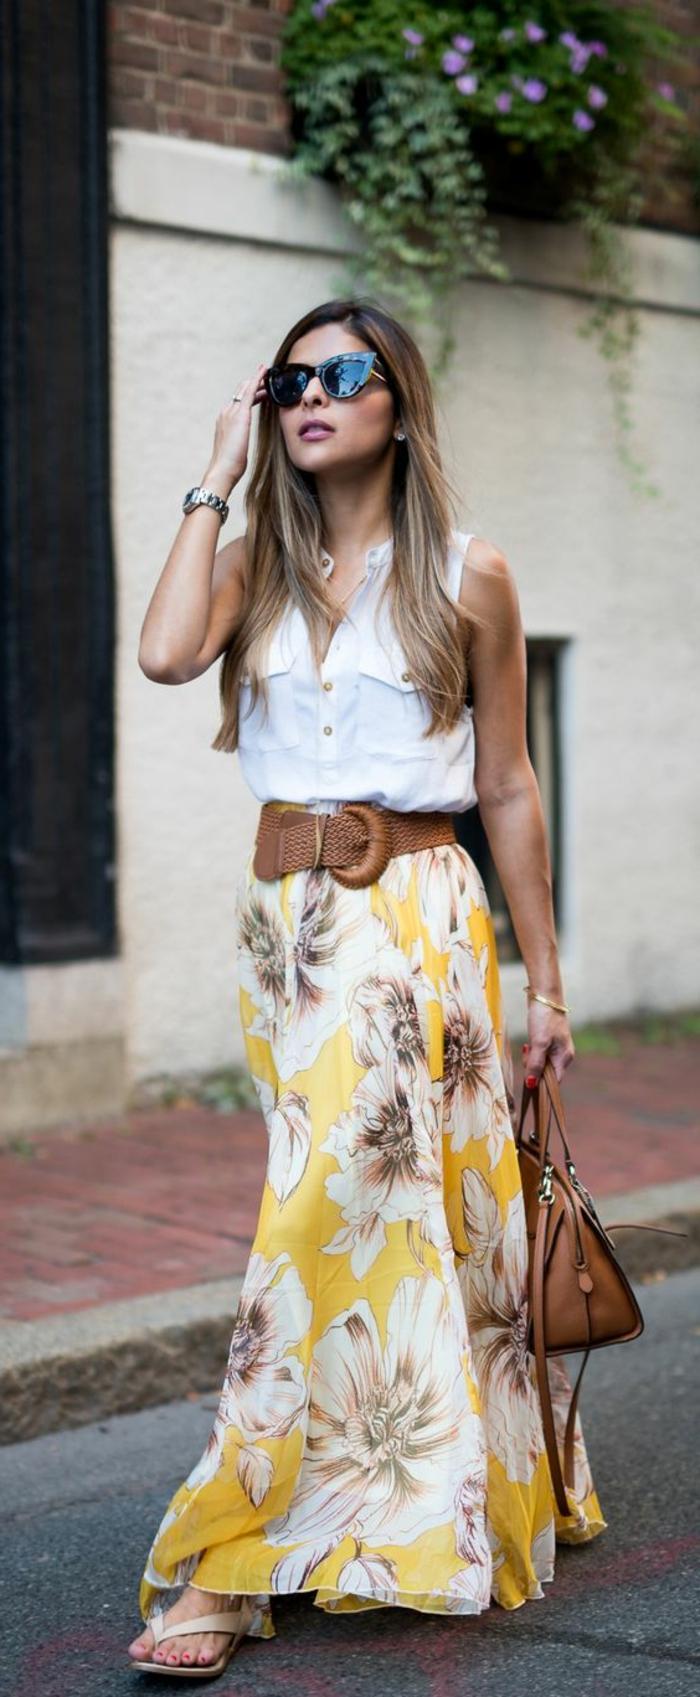 grande ceinture en cuir, sac en cuir, chemise blanche, jupe longue taille haute prints floraux